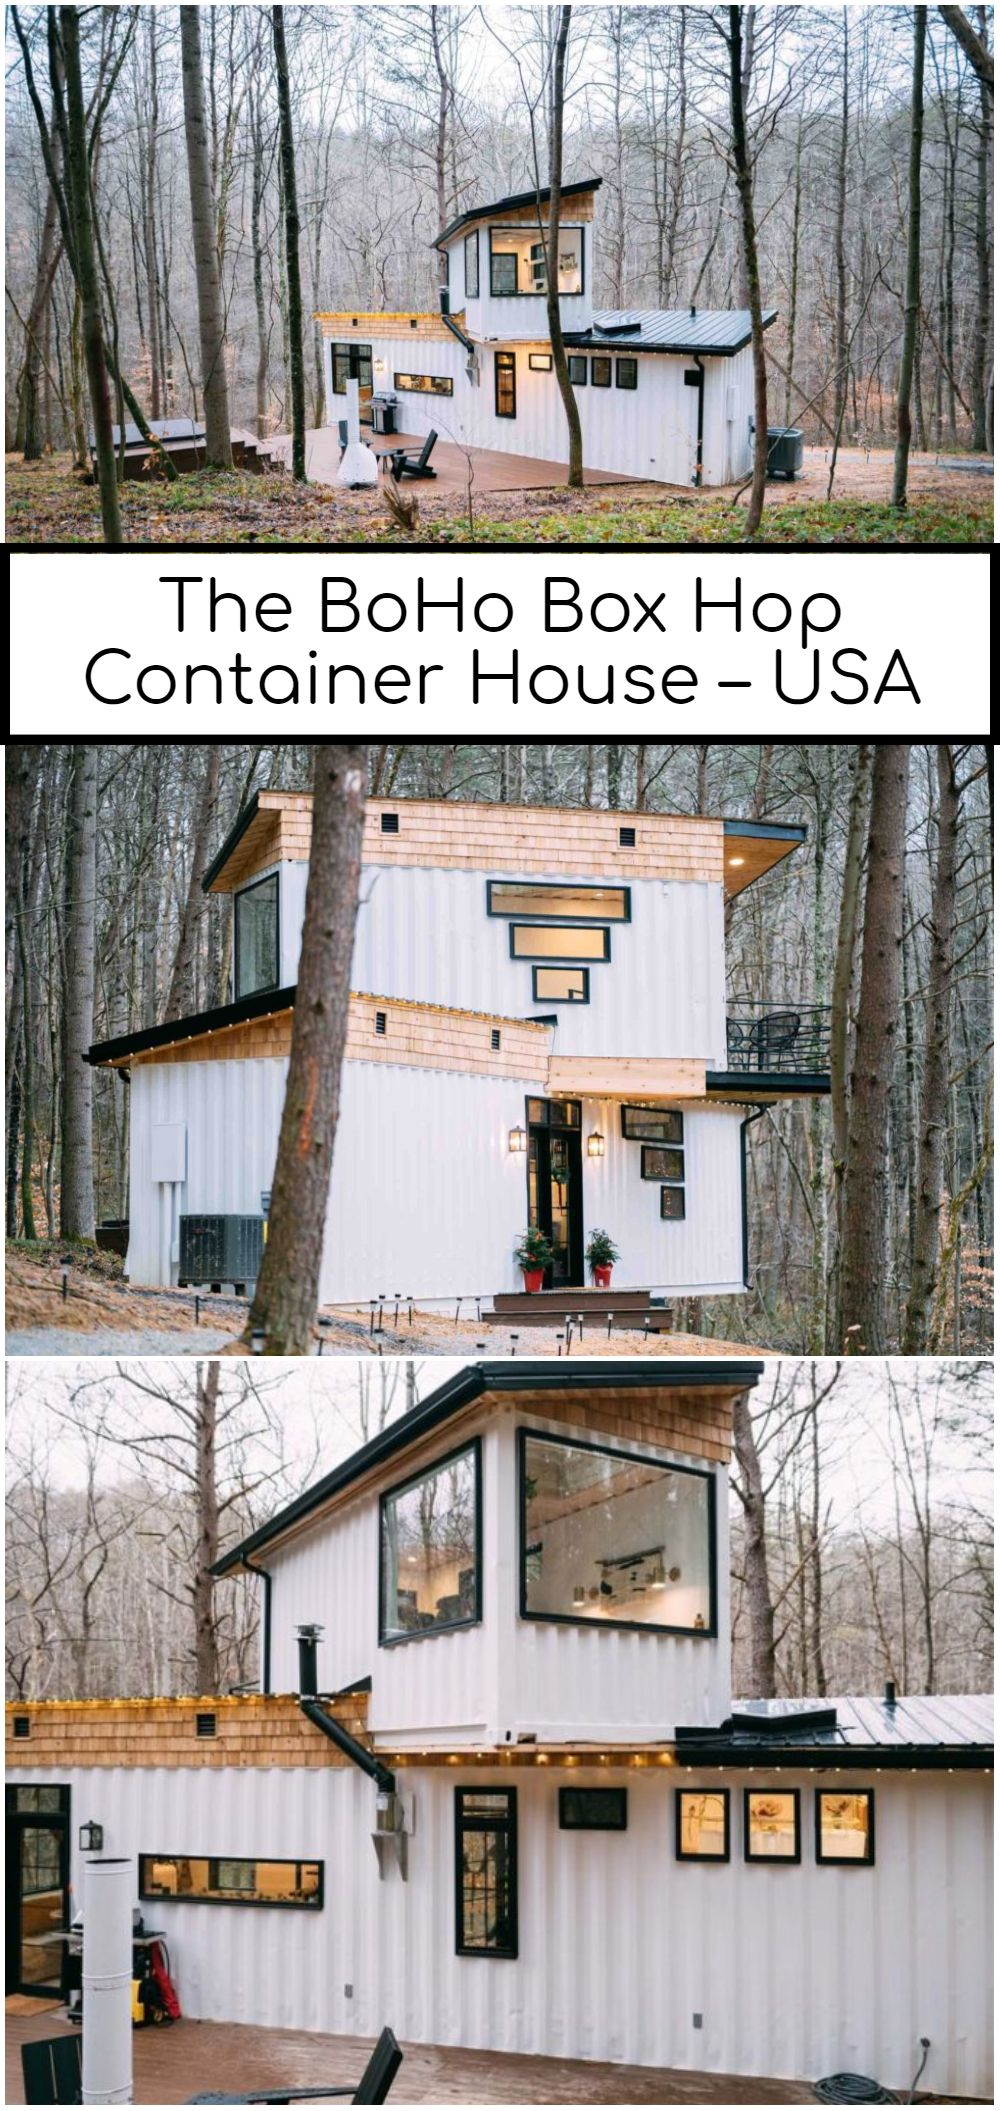 The BoHo Box Hop Container House – USA